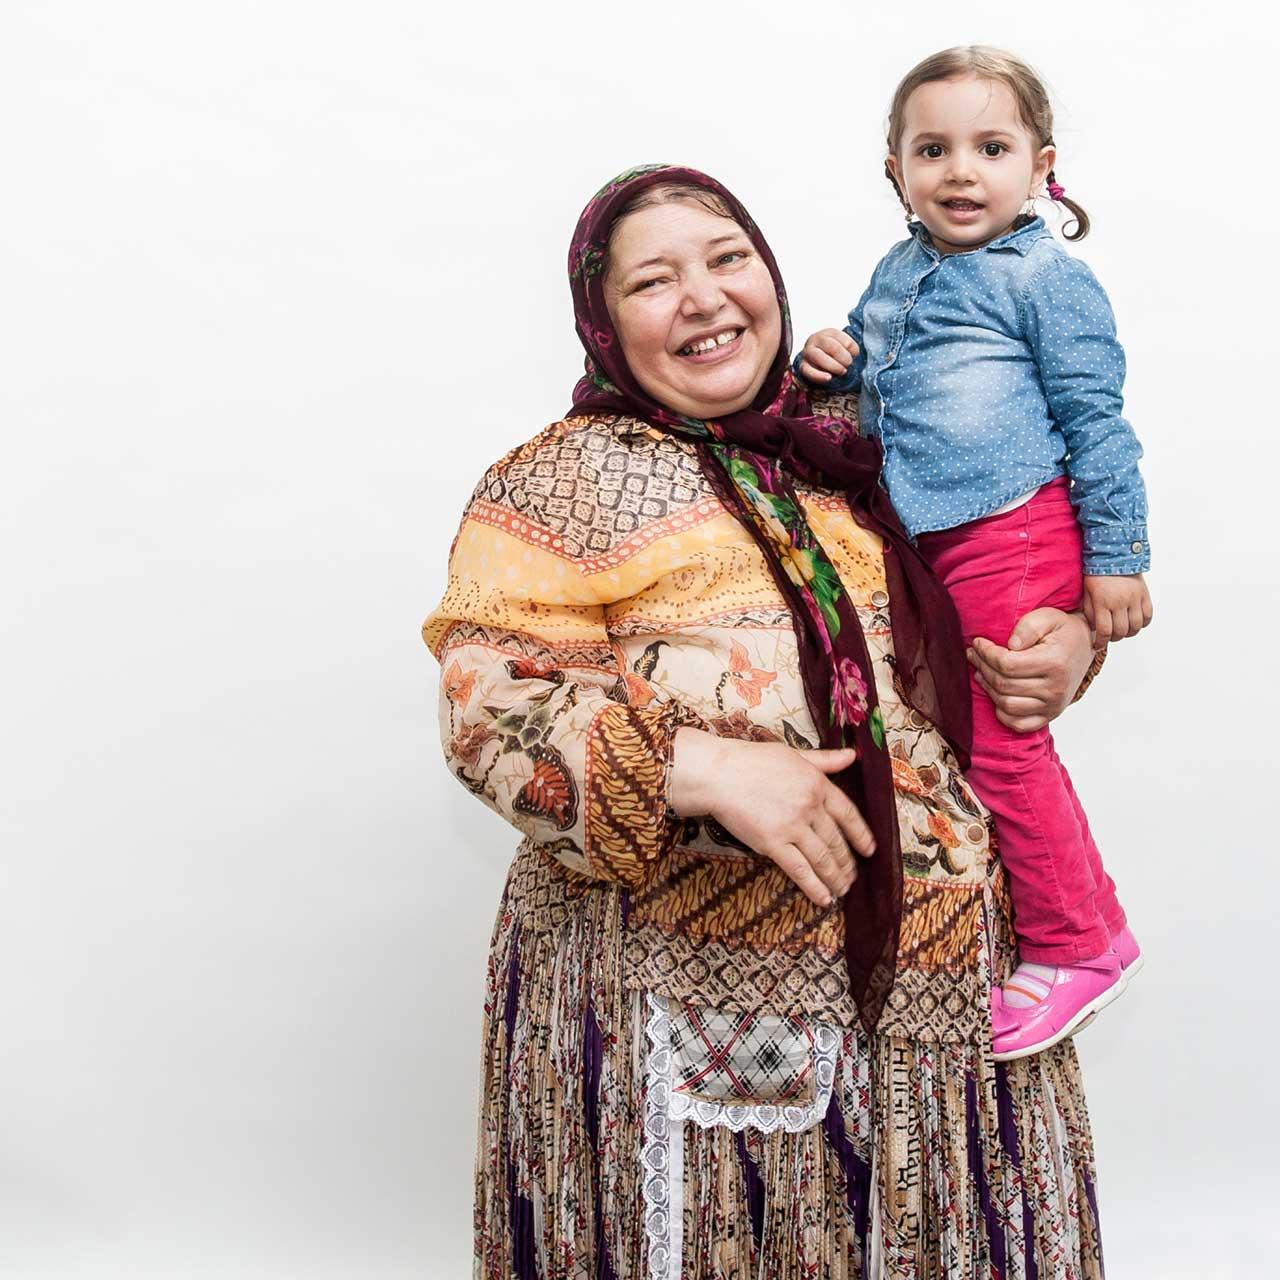 Borys Piotr Sarad beschäftigte sich in seiner Porträtserie mit familiären Strukuren der Roma.